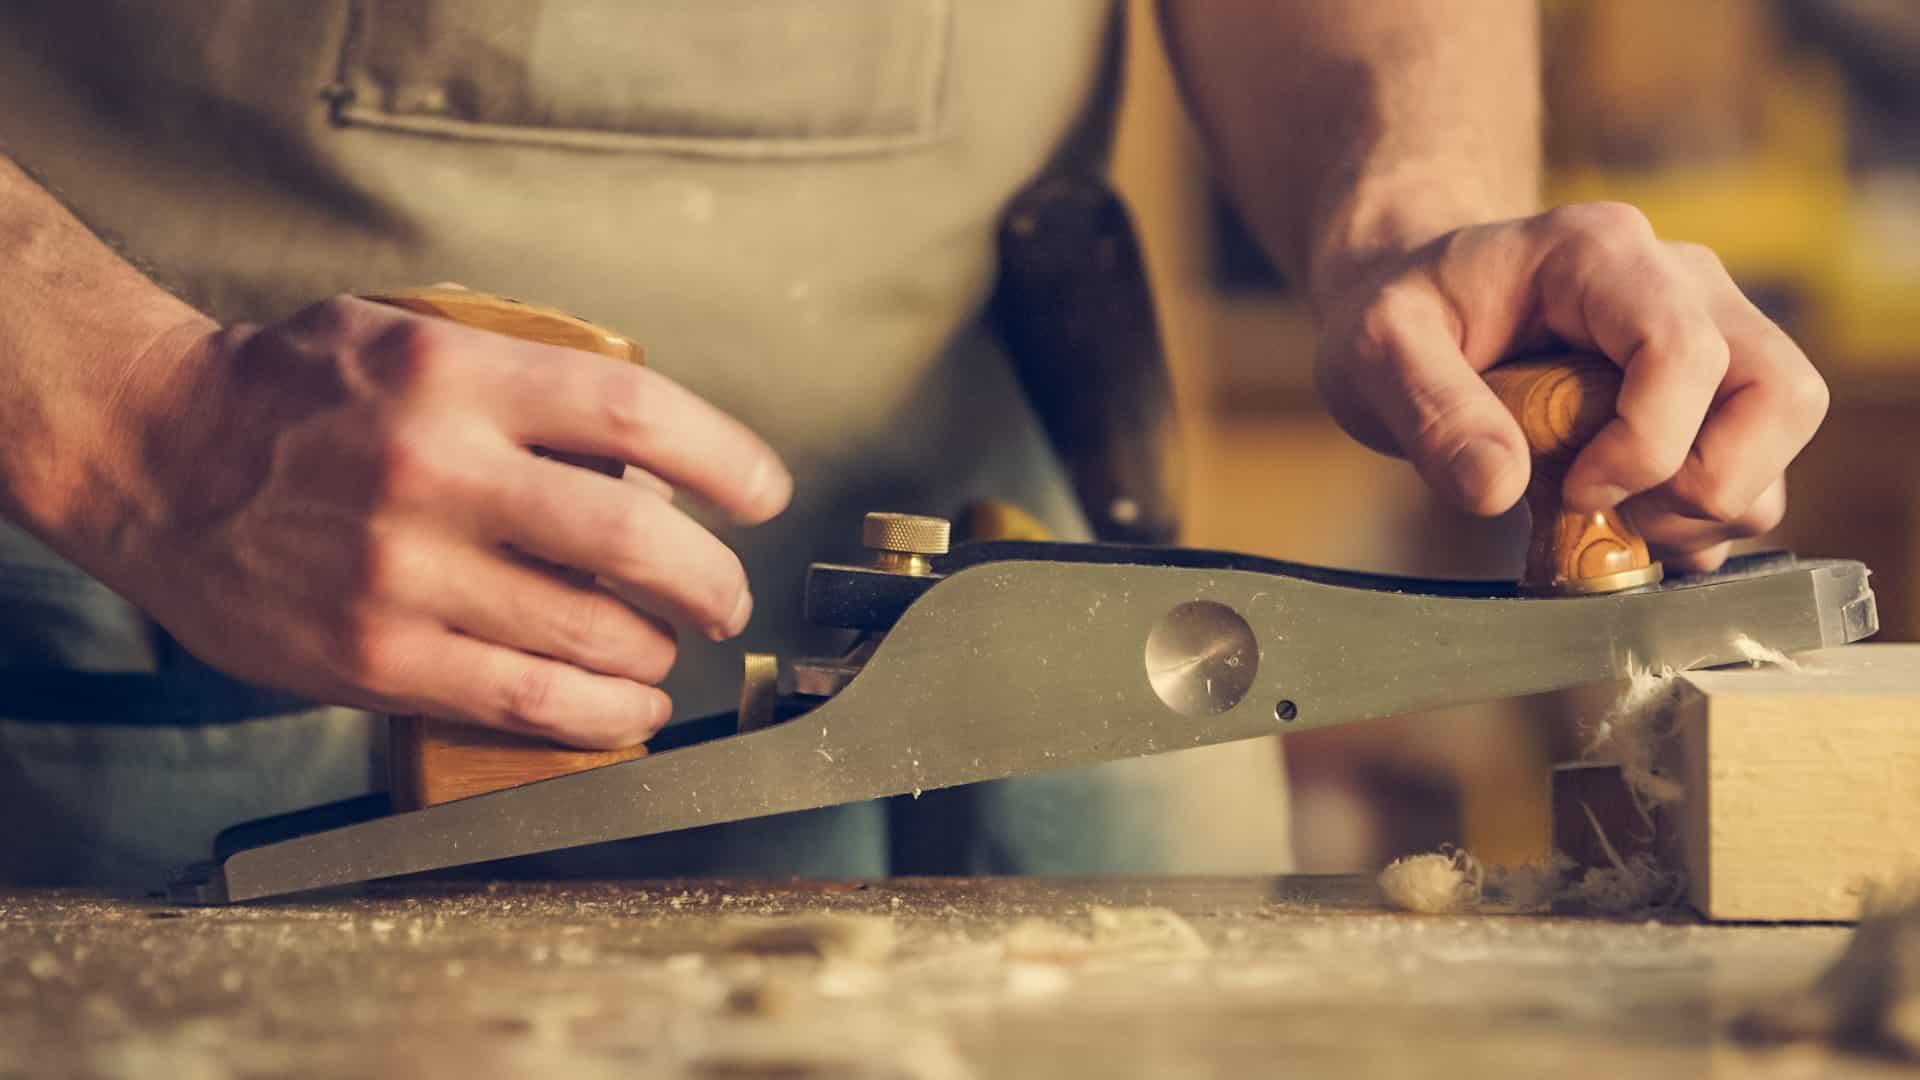 rezanie dreva, ktoré sa pužije na nábytok